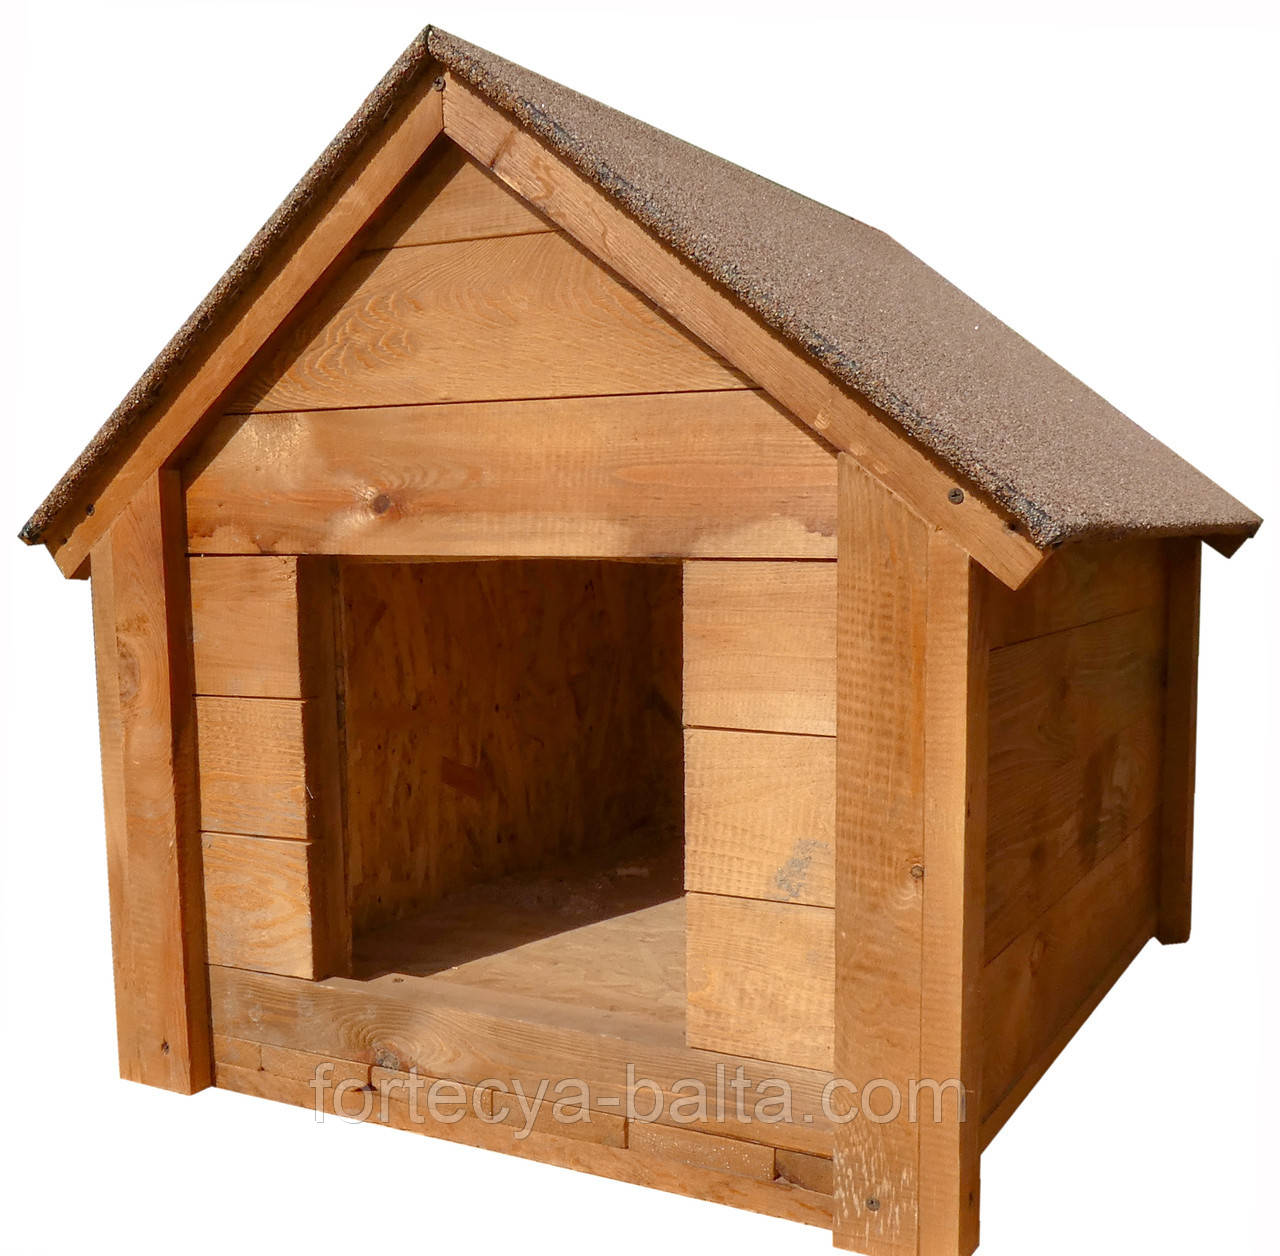 Будка для собаки Фортеця №2 средняя с утеплением 800*600*650 мм сосна 8640419